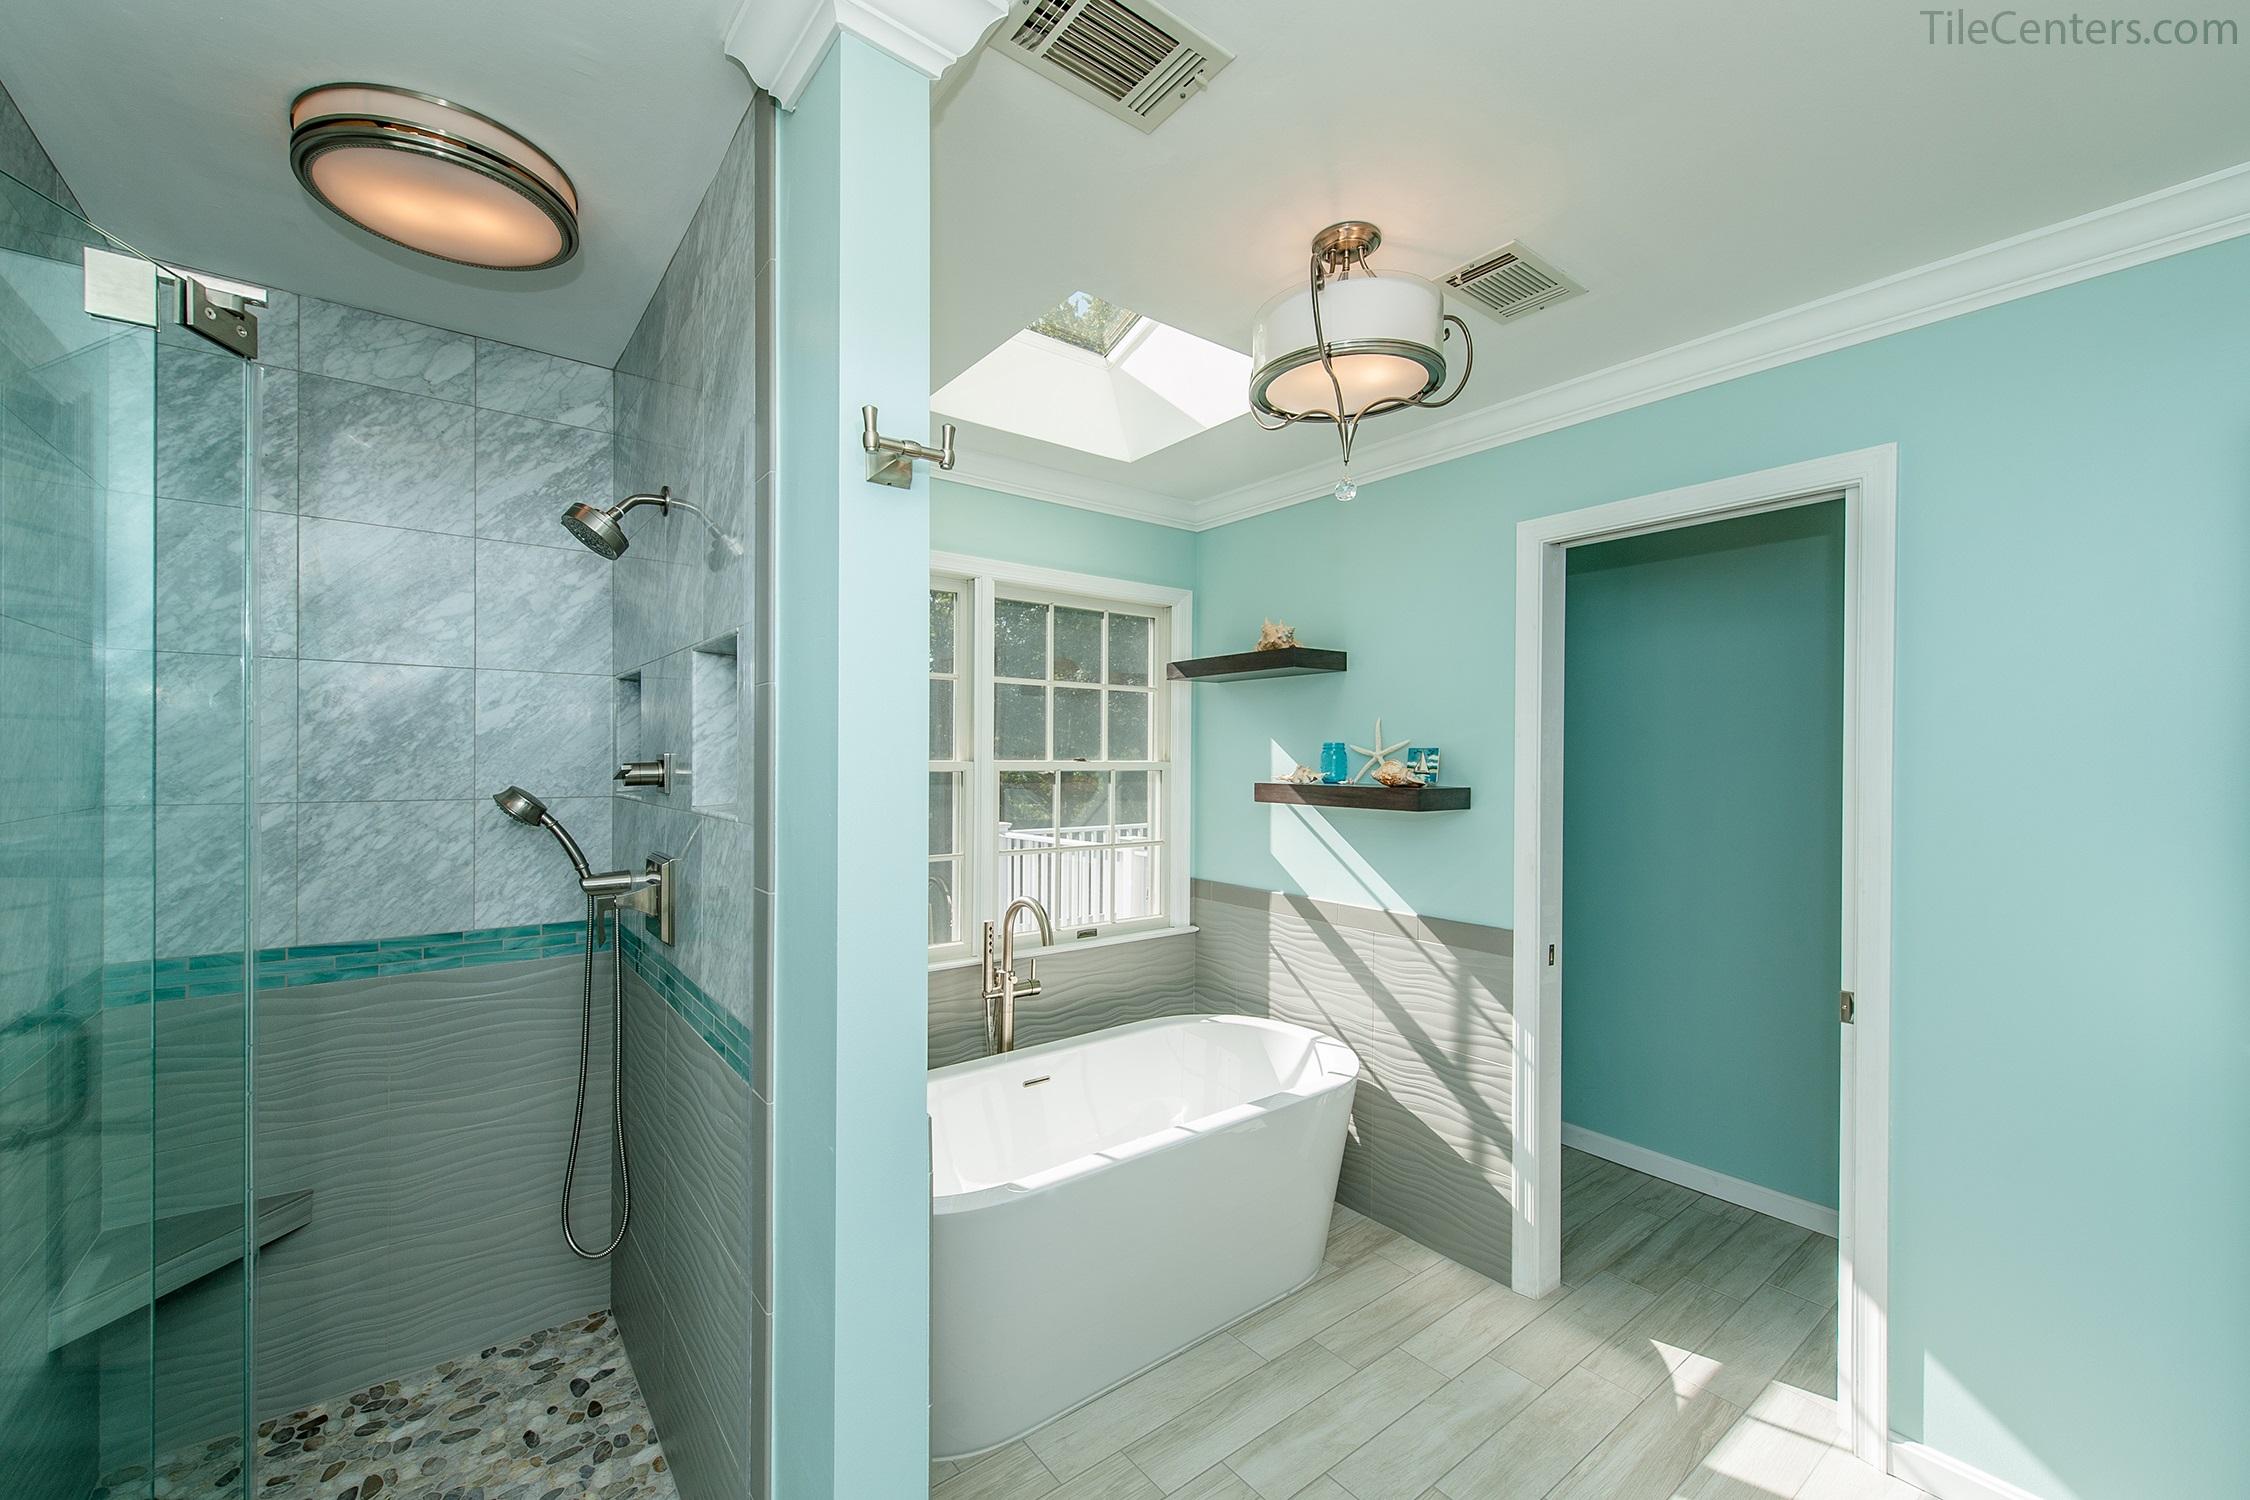 Tile Store Rockville >> Transitional Bathroom Remodel - Rockville, MD